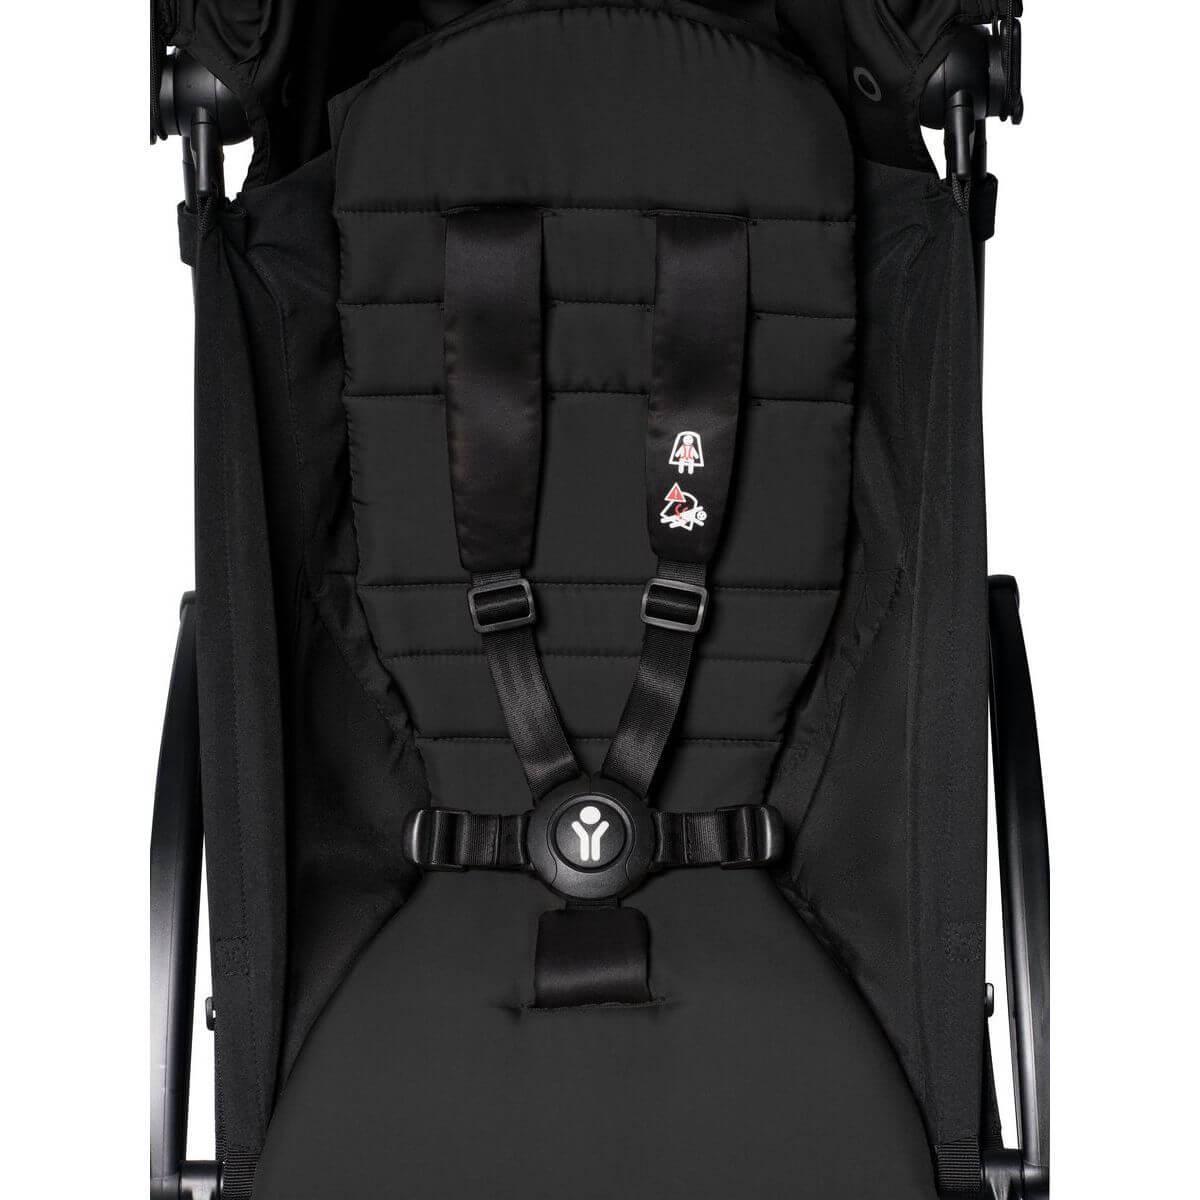 Kinderwagen BABYZEN YOYO² 6+ weiß-schwarz